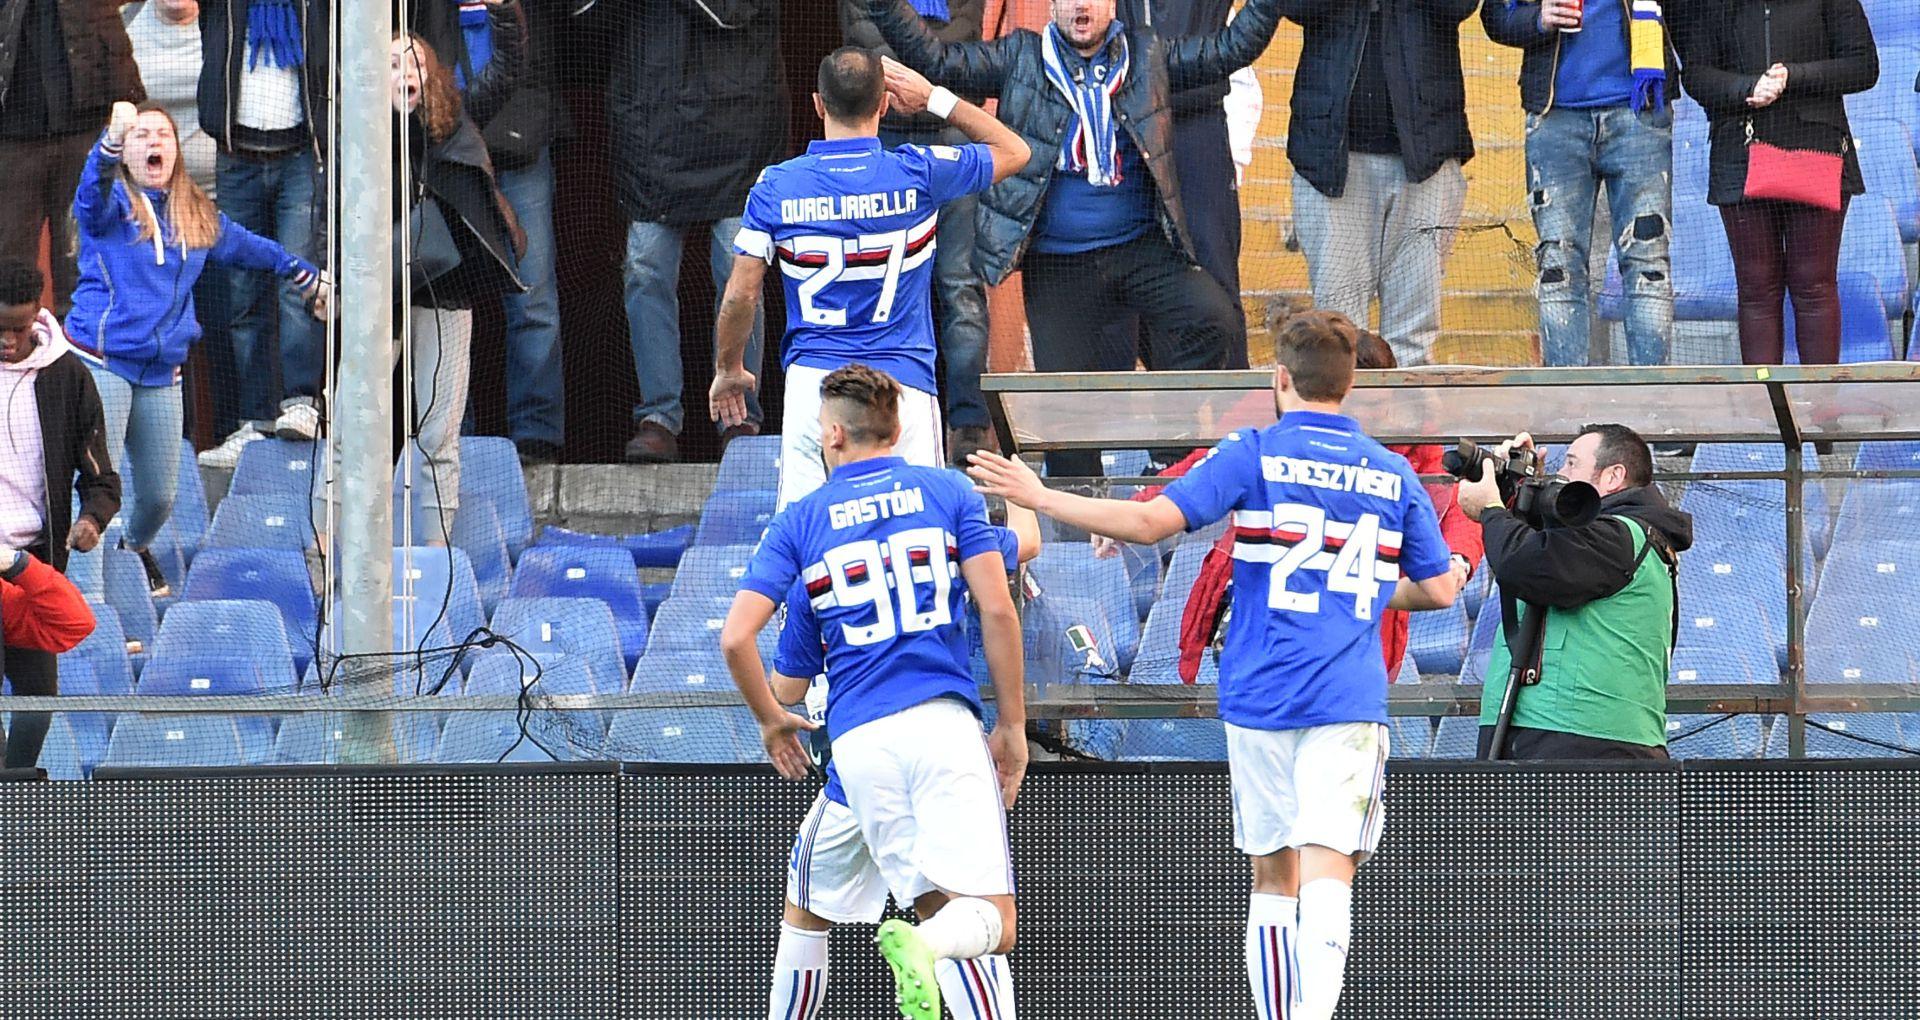 Sampdoria Roma 1-1, il tabellino: Dzeko risponde a Quagliarella